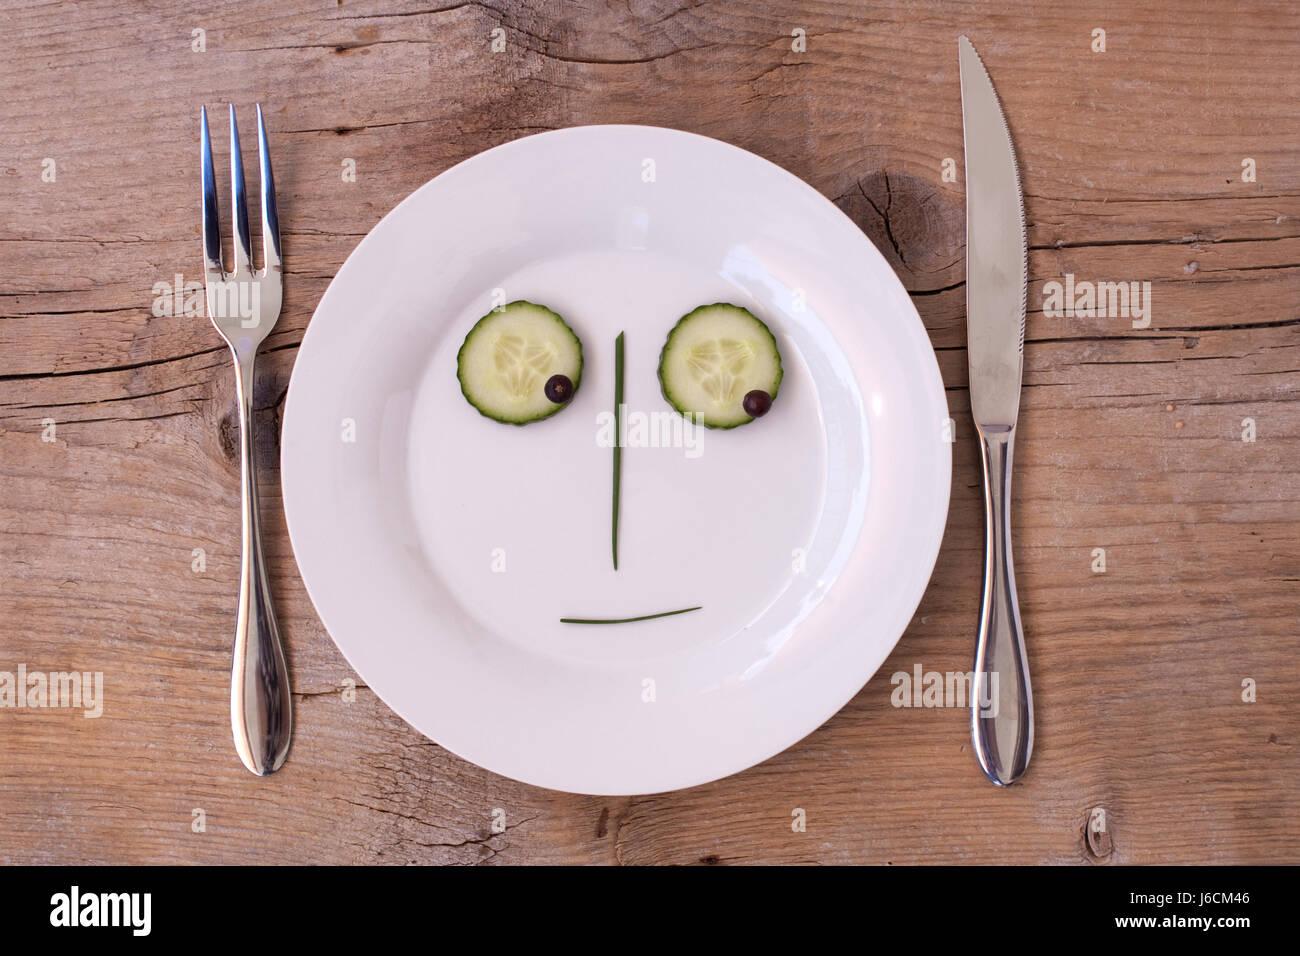 gemse gesicht teller besteck glcklich gemse vegetarisch ausdruck stock photo 141650102 alamy. Black Bedroom Furniture Sets. Home Design Ideas